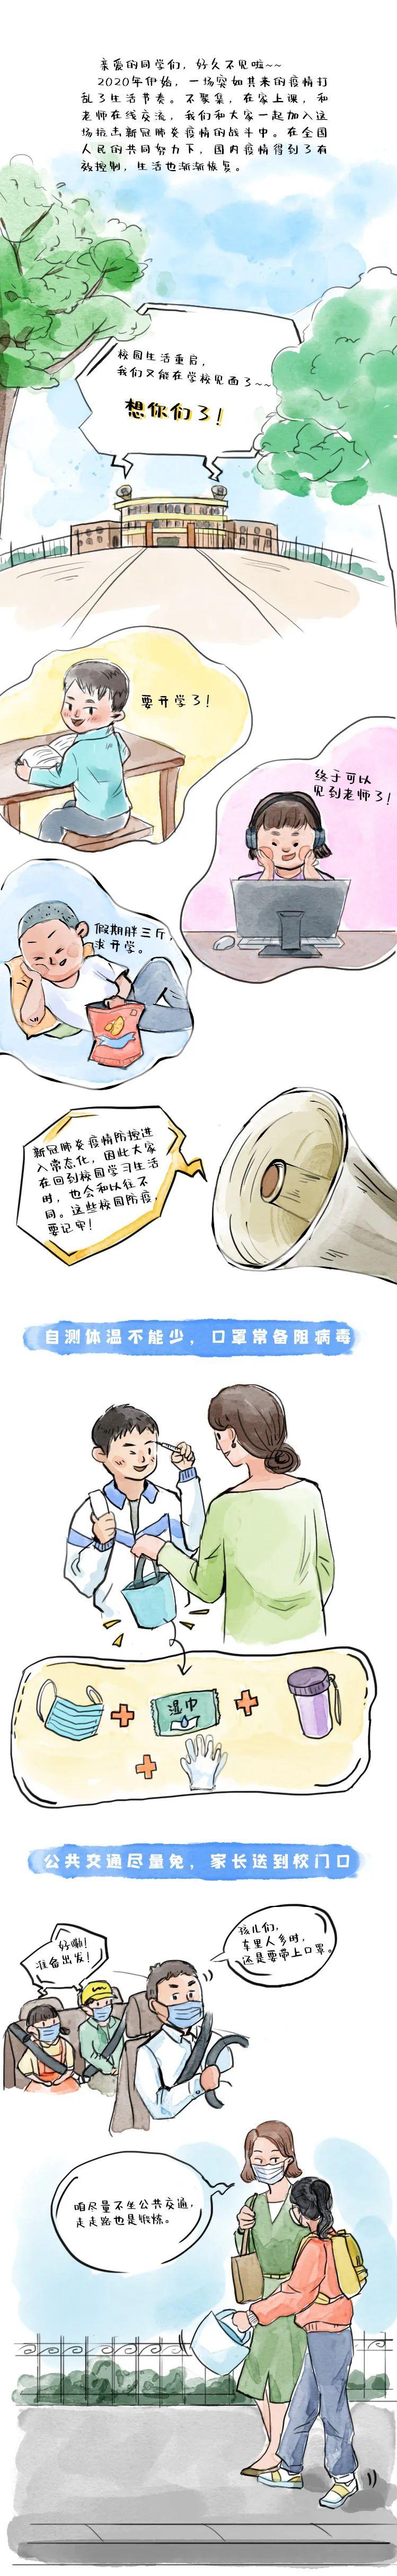 【高德招商】津市文明办市教委带你掌高德招商图片